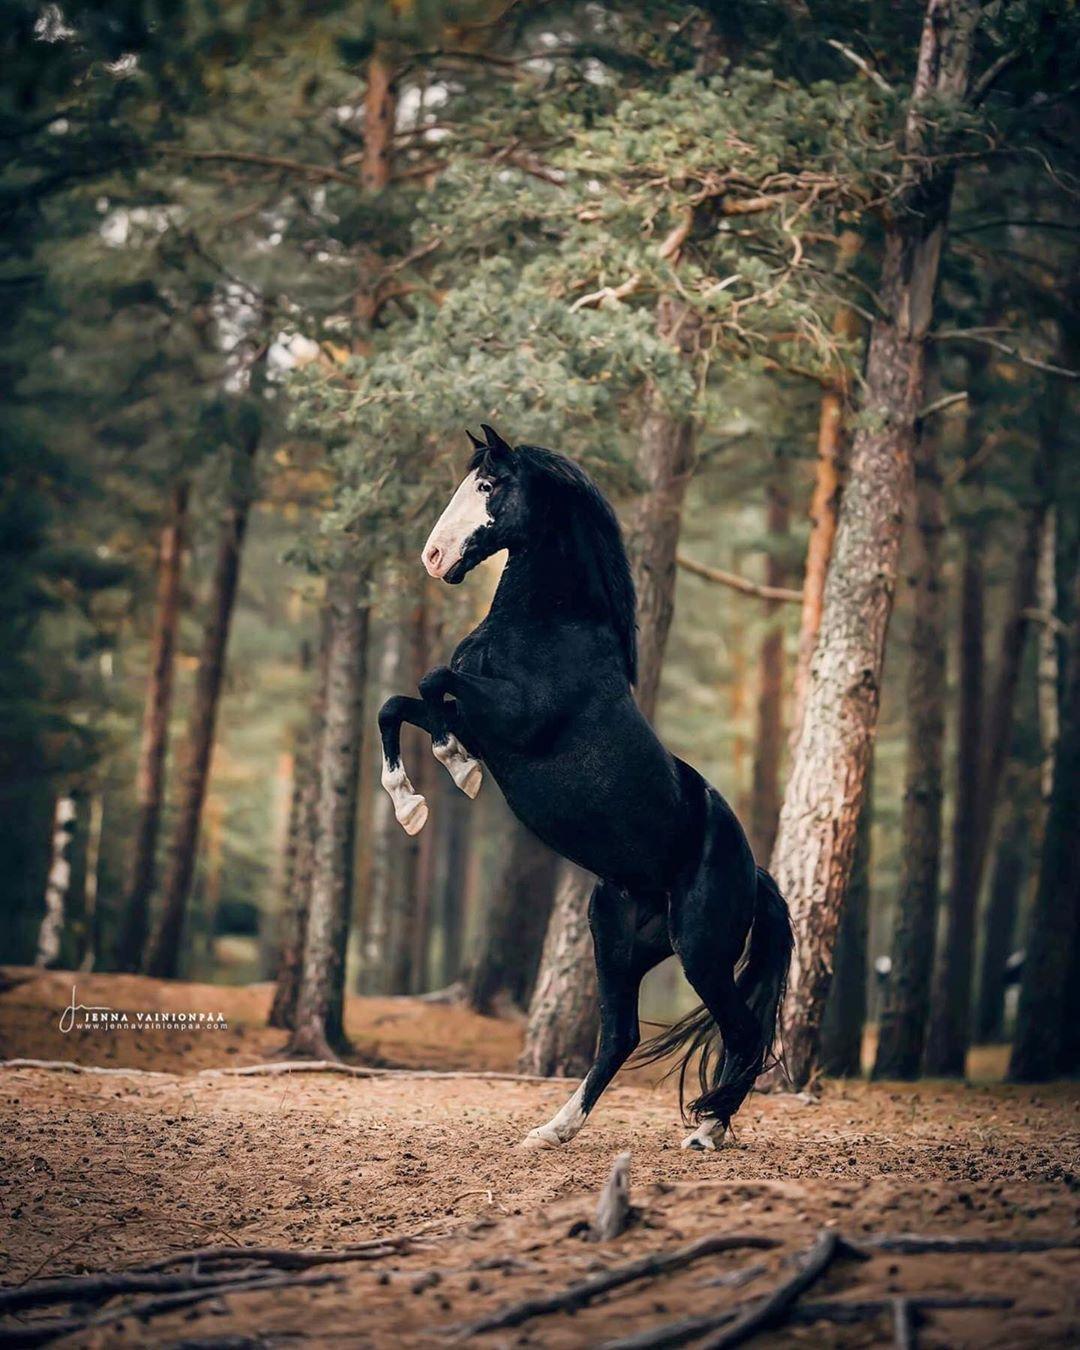 #horsepattern